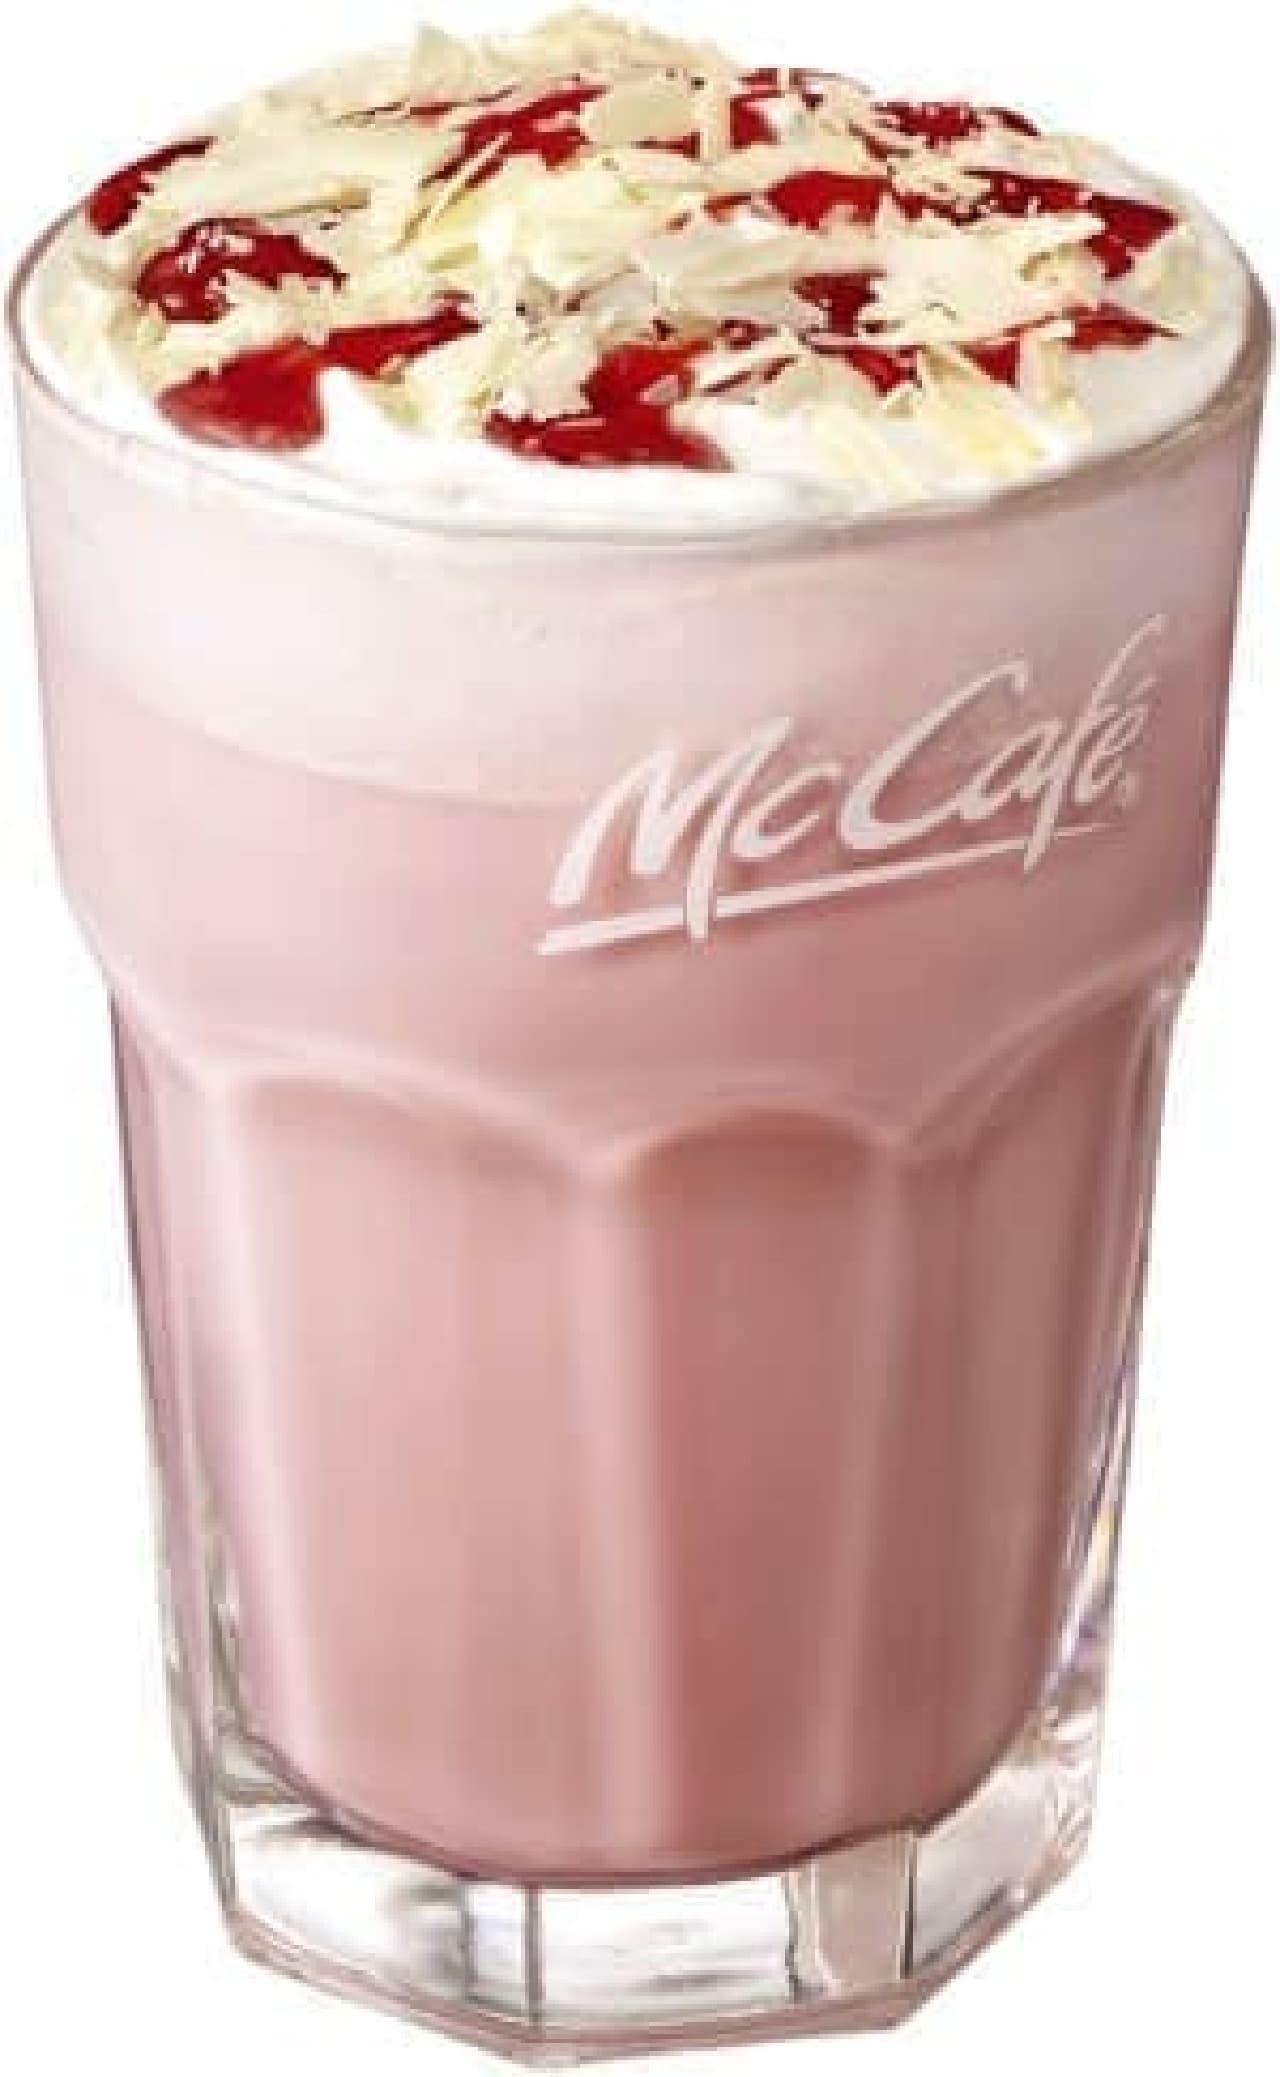 マックカフェ「ホワイトチョコストロベリーラテ」